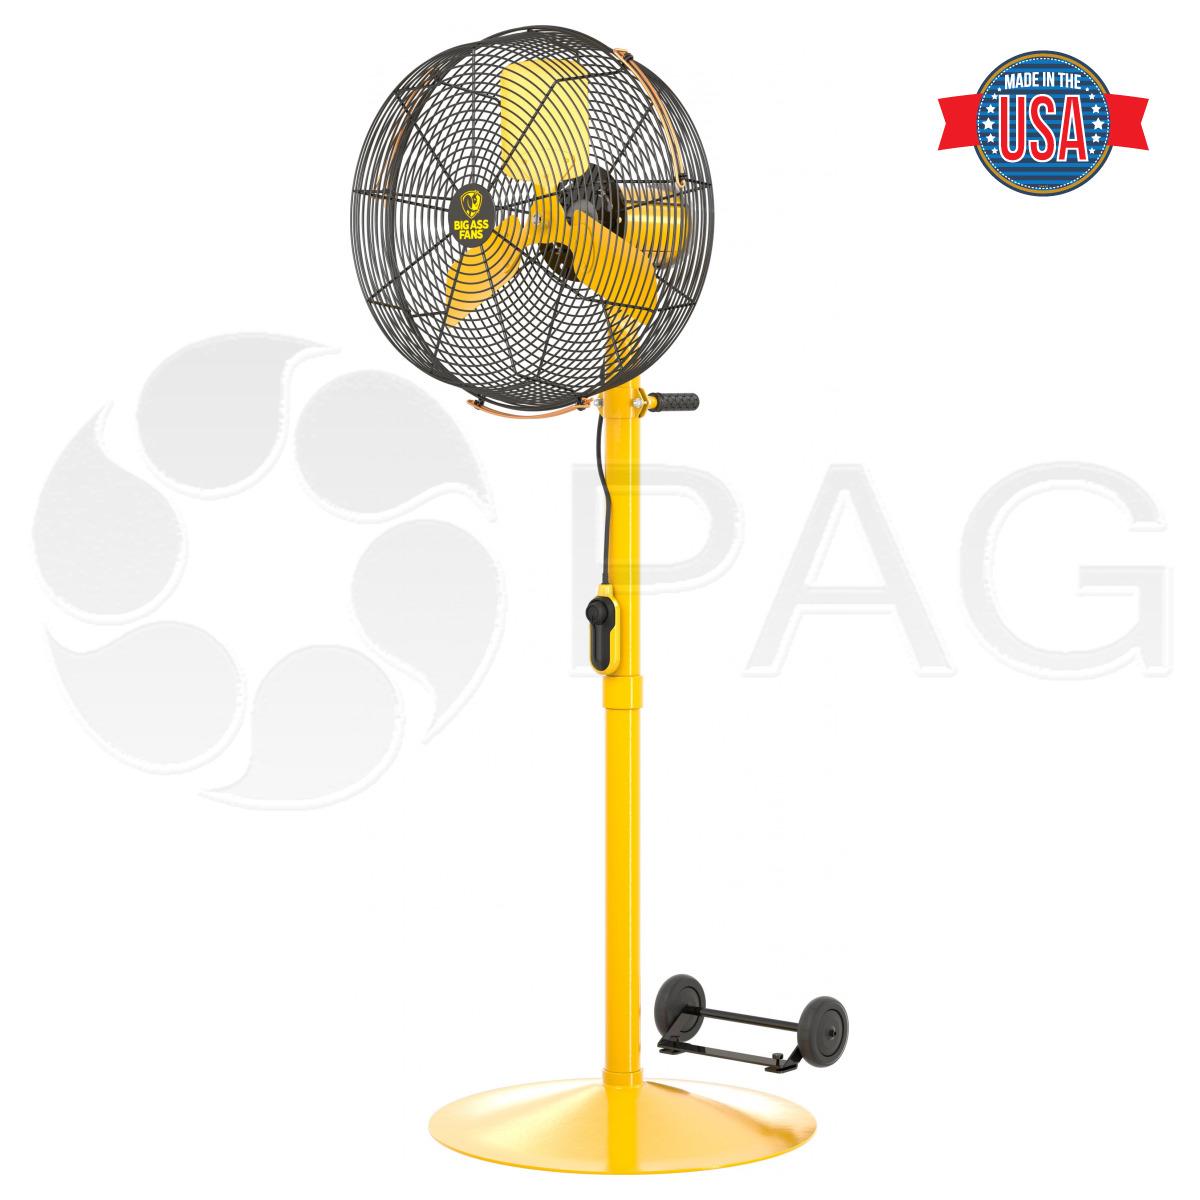 Big Ass Fans AirEye fan with Pedestal